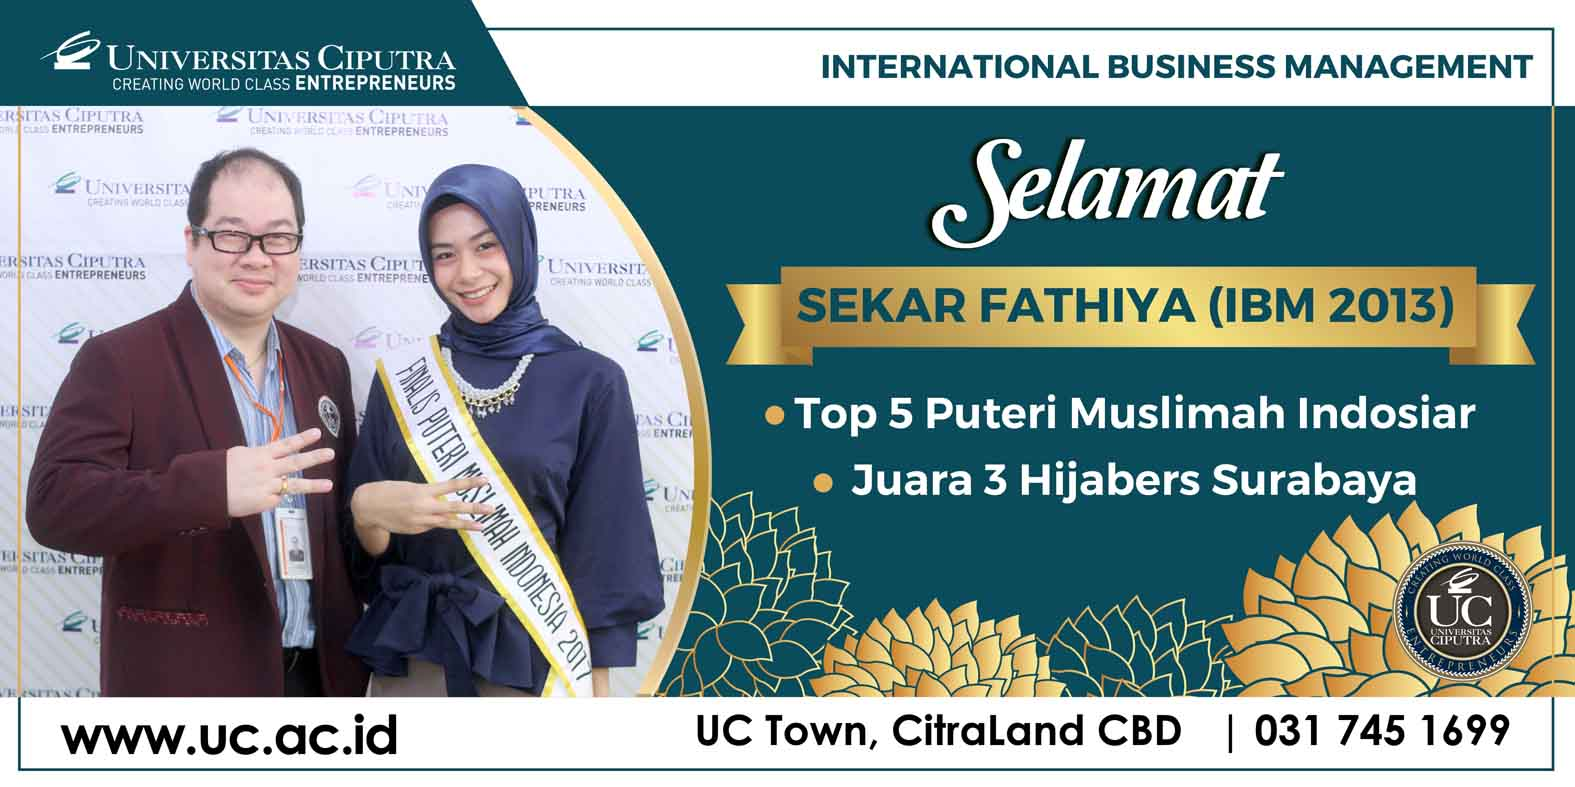 Sekar Fatiyah (IBM 2013)